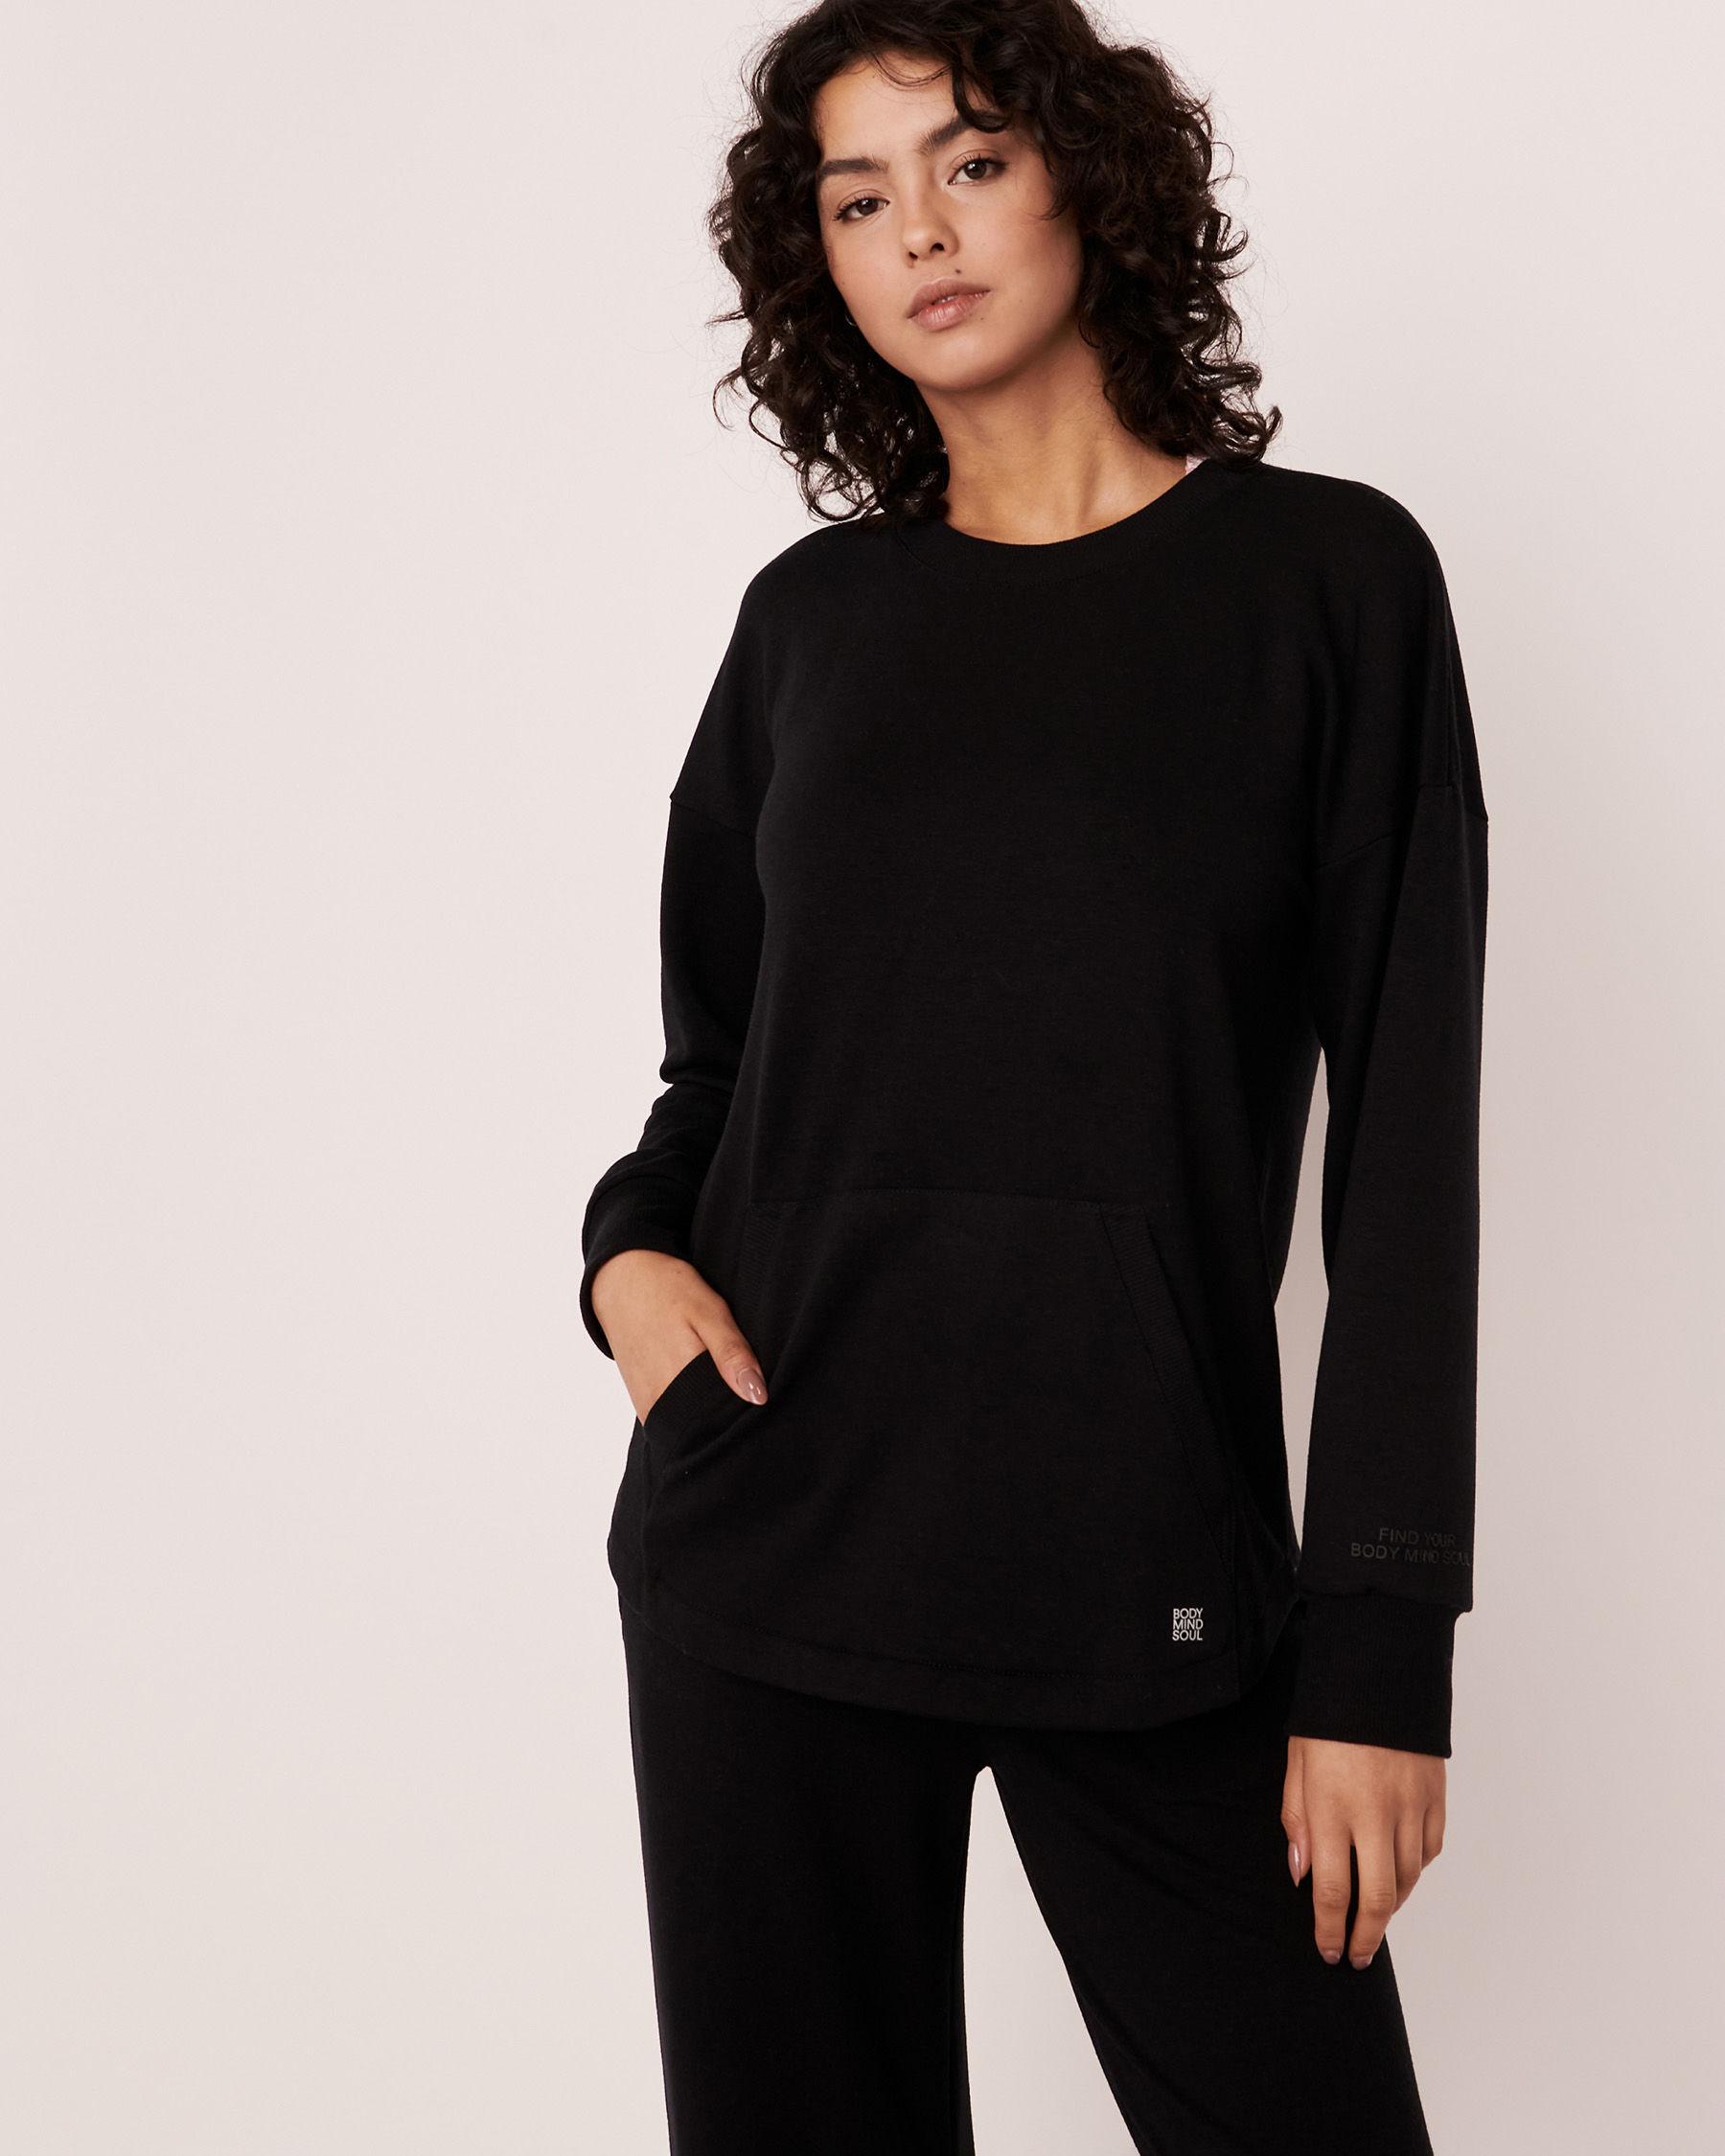 LA VIE EN ROSE Drop Shoulder Shirt Black 50100018 - View1